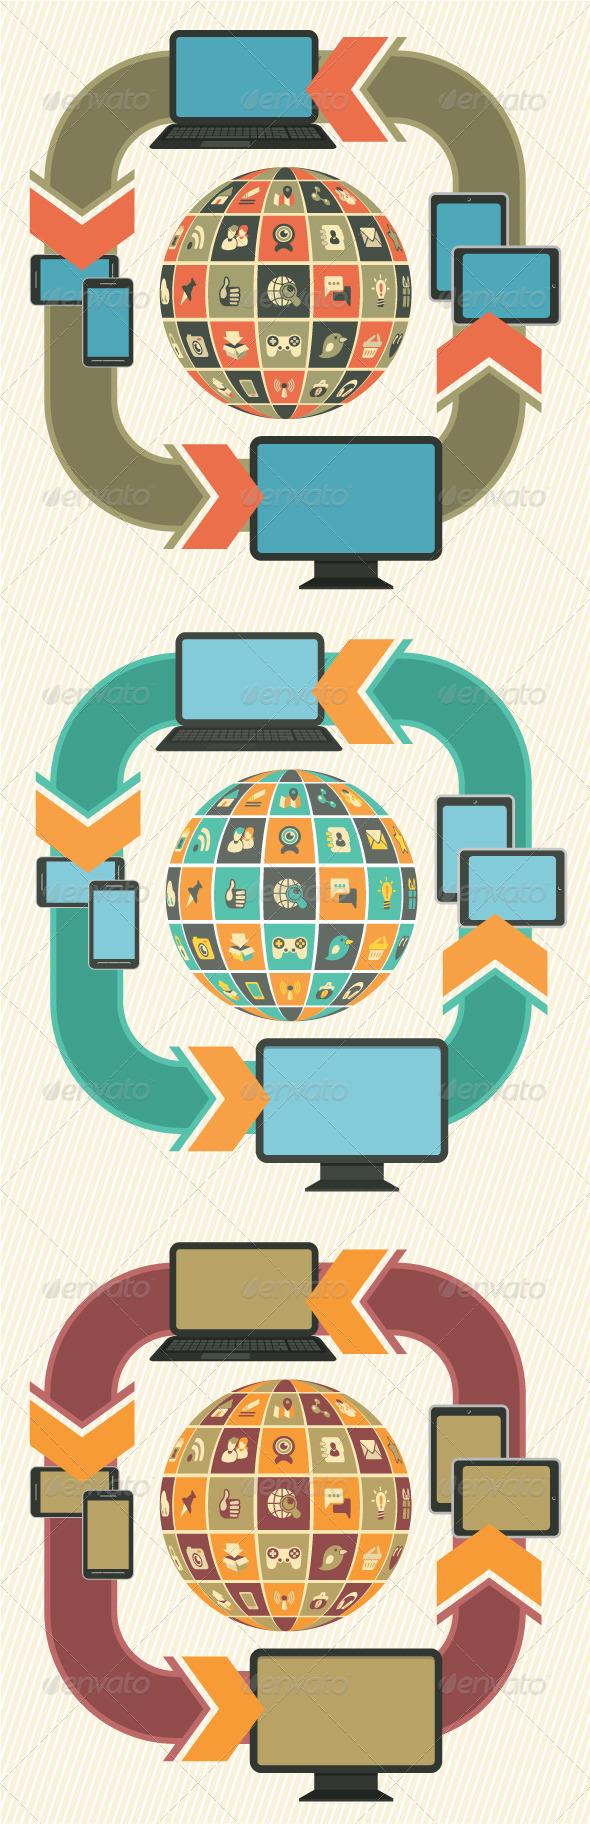 GraphicRiver Responsive Web Design Template 5953489